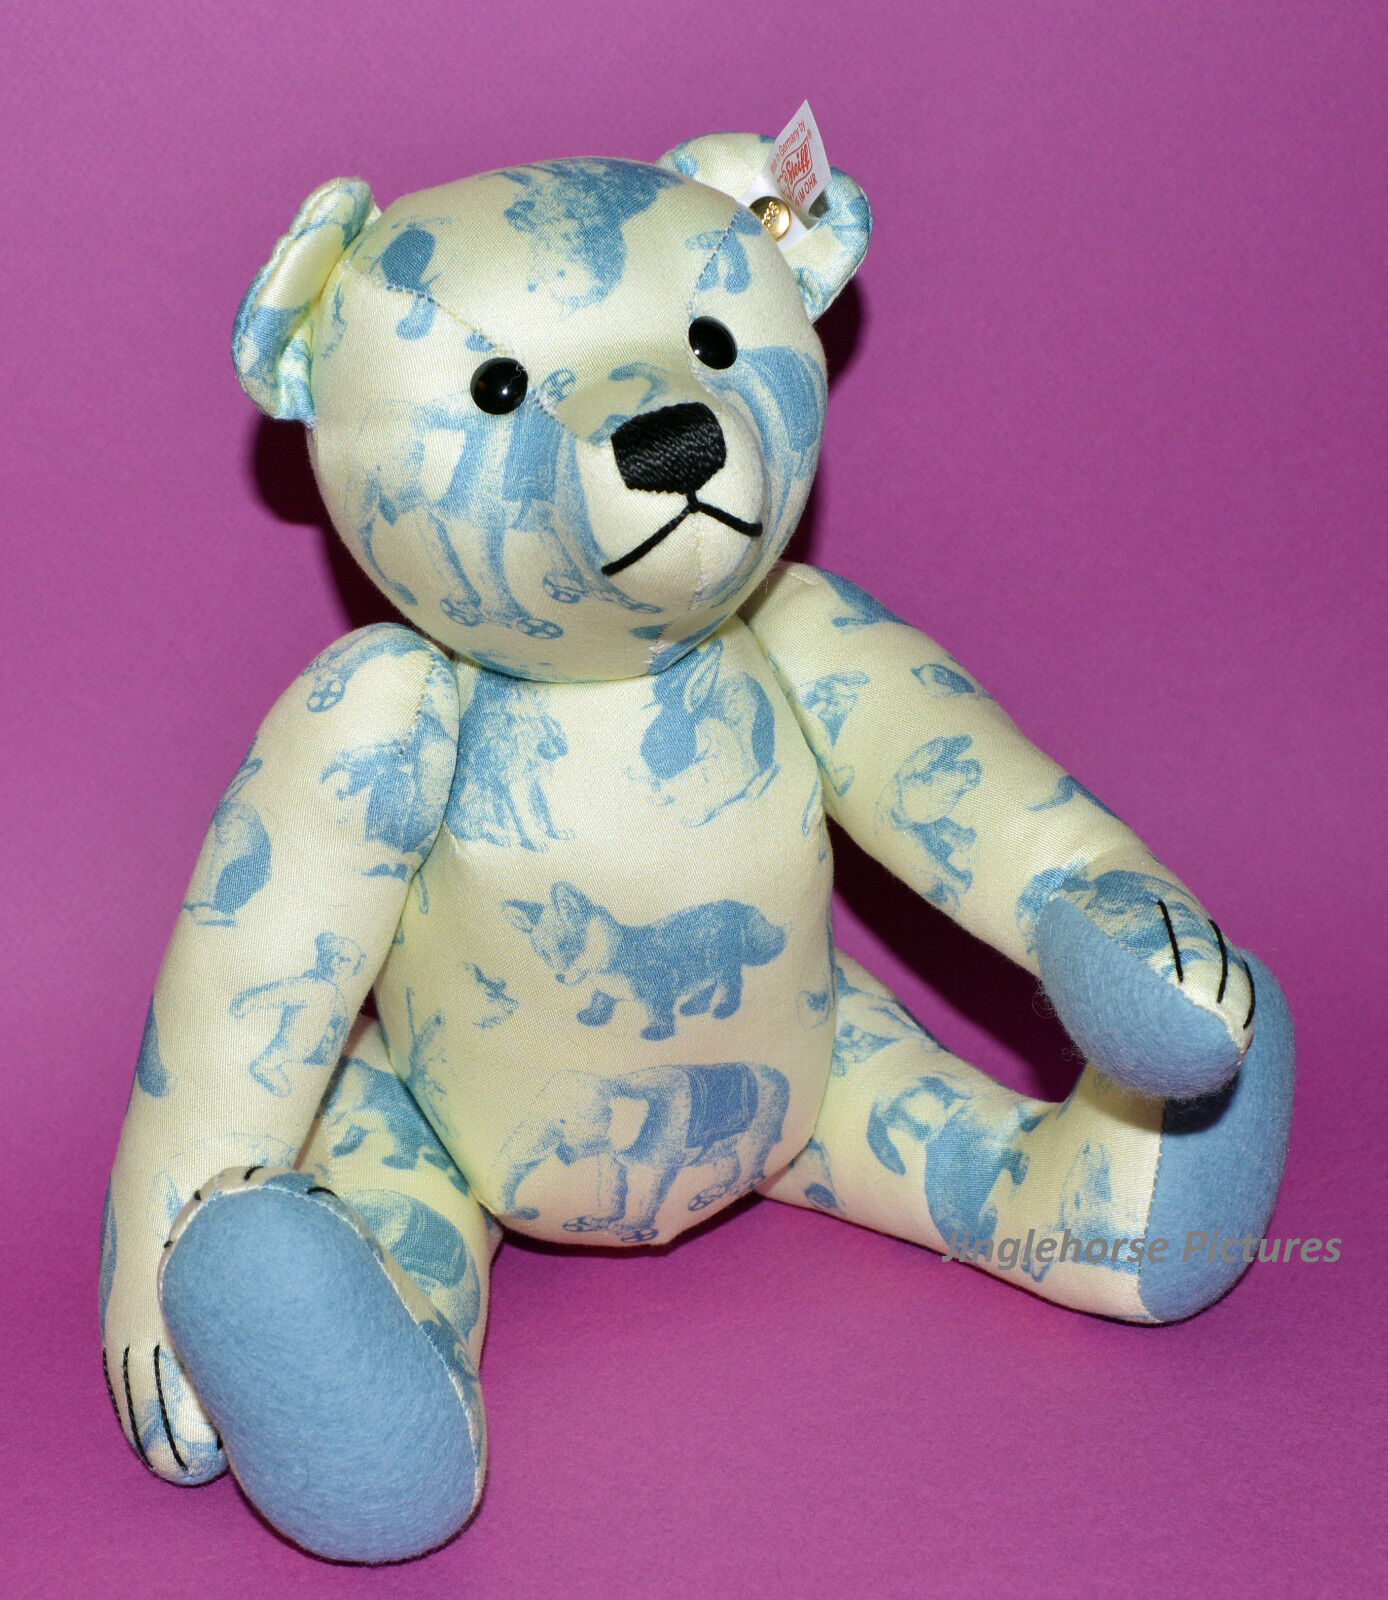 NEW Steiff SIGNATURE TEDDY BEAR Blau & Weiß Print 12  German Plush GIFT BOX Toy